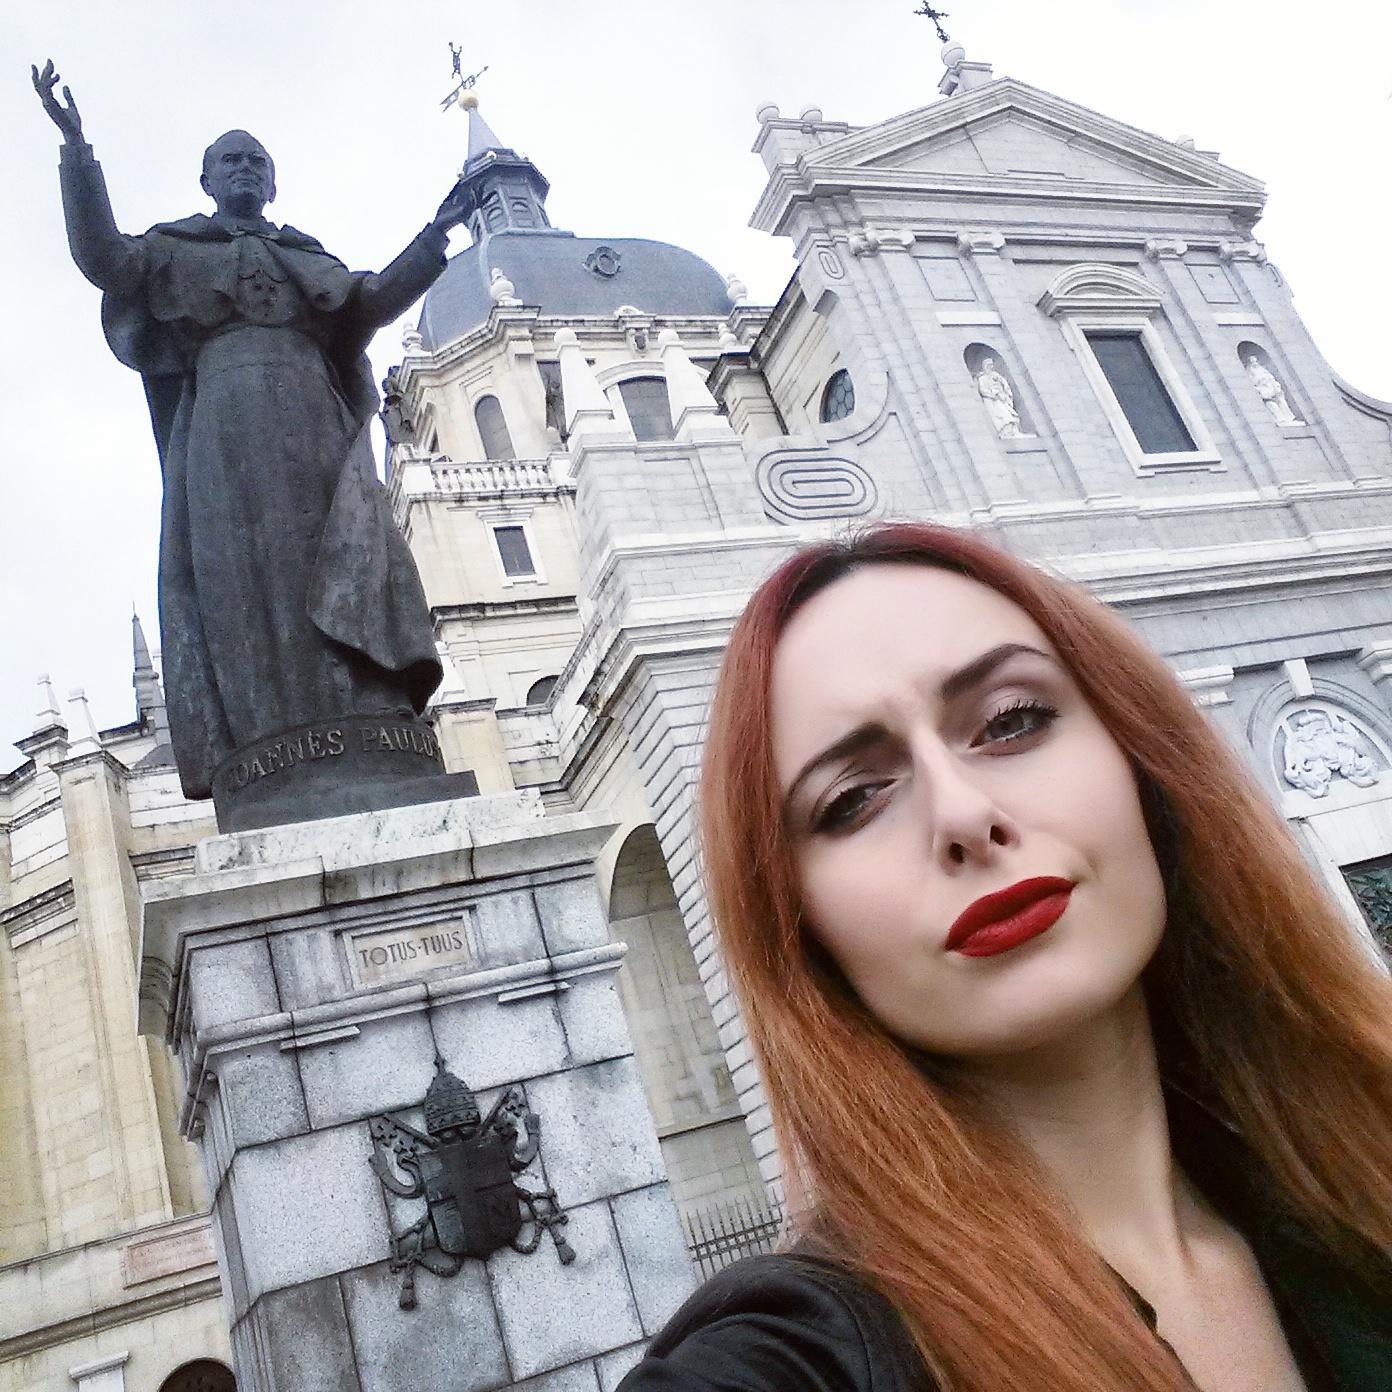 Кристина невская певица кукла фото